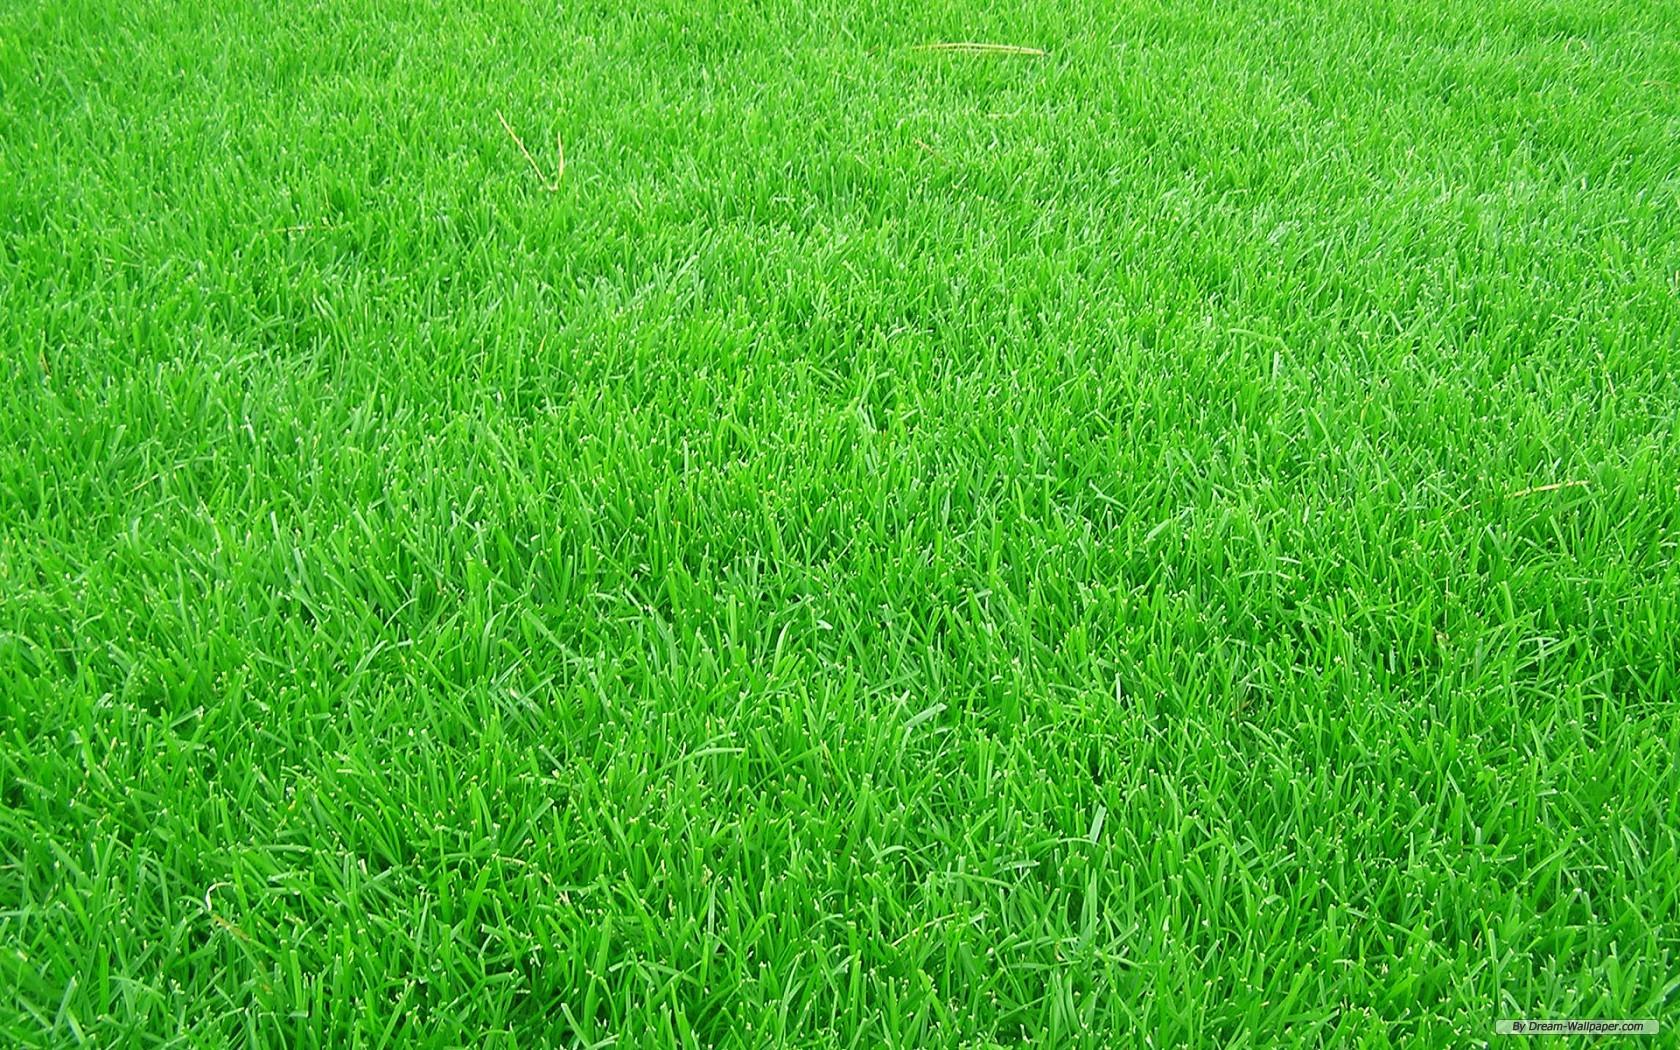 grass-background-28